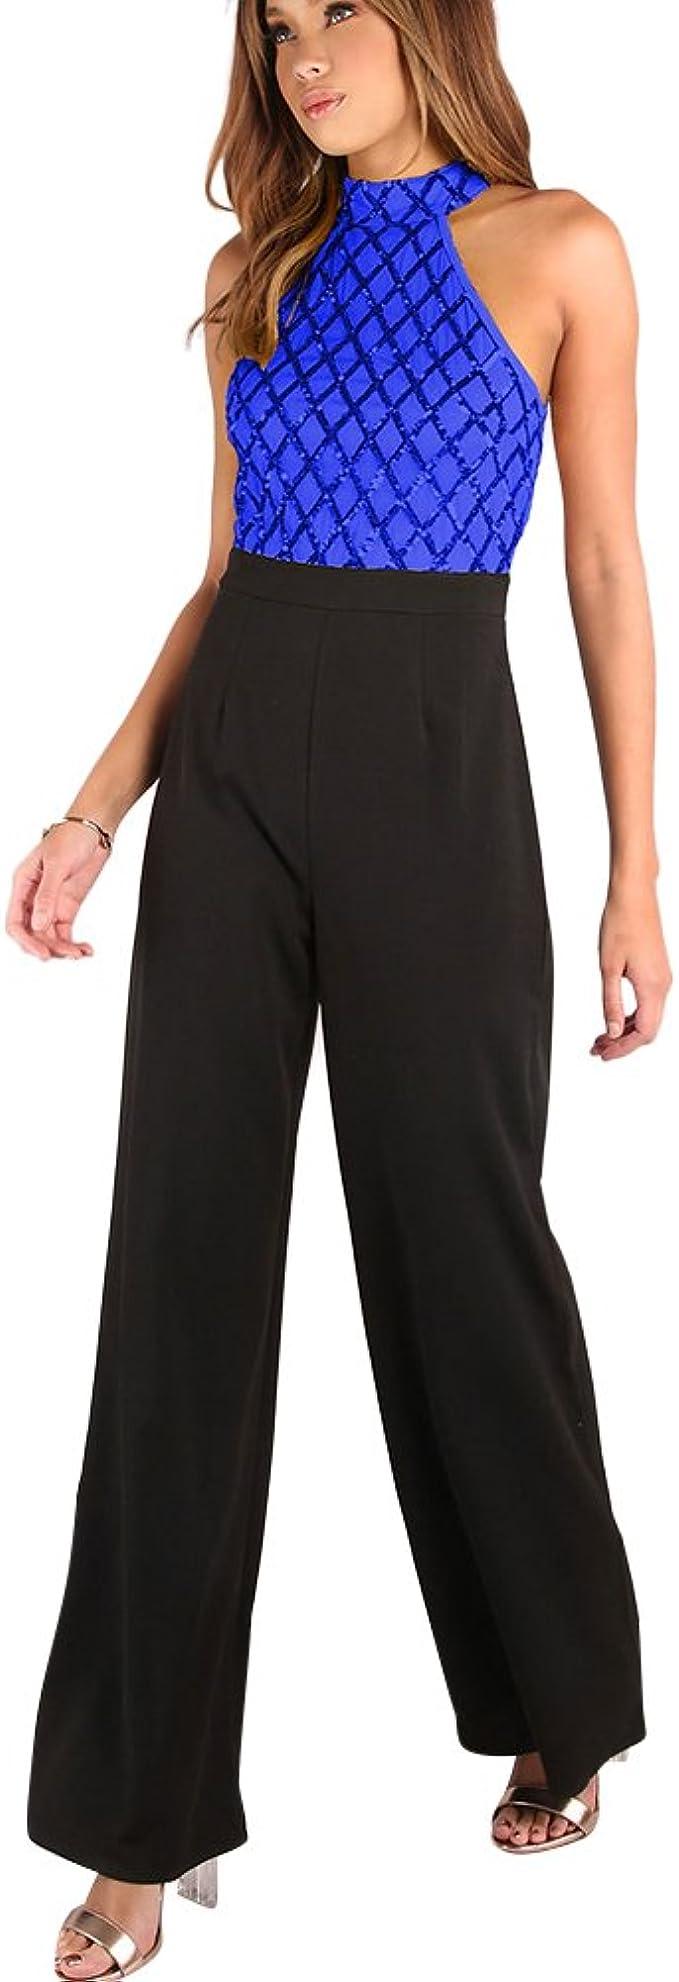 PengGeng Femme Mince /Él/égant Paillettes sans Manches Combinaison Jambe Large Jumpsuit